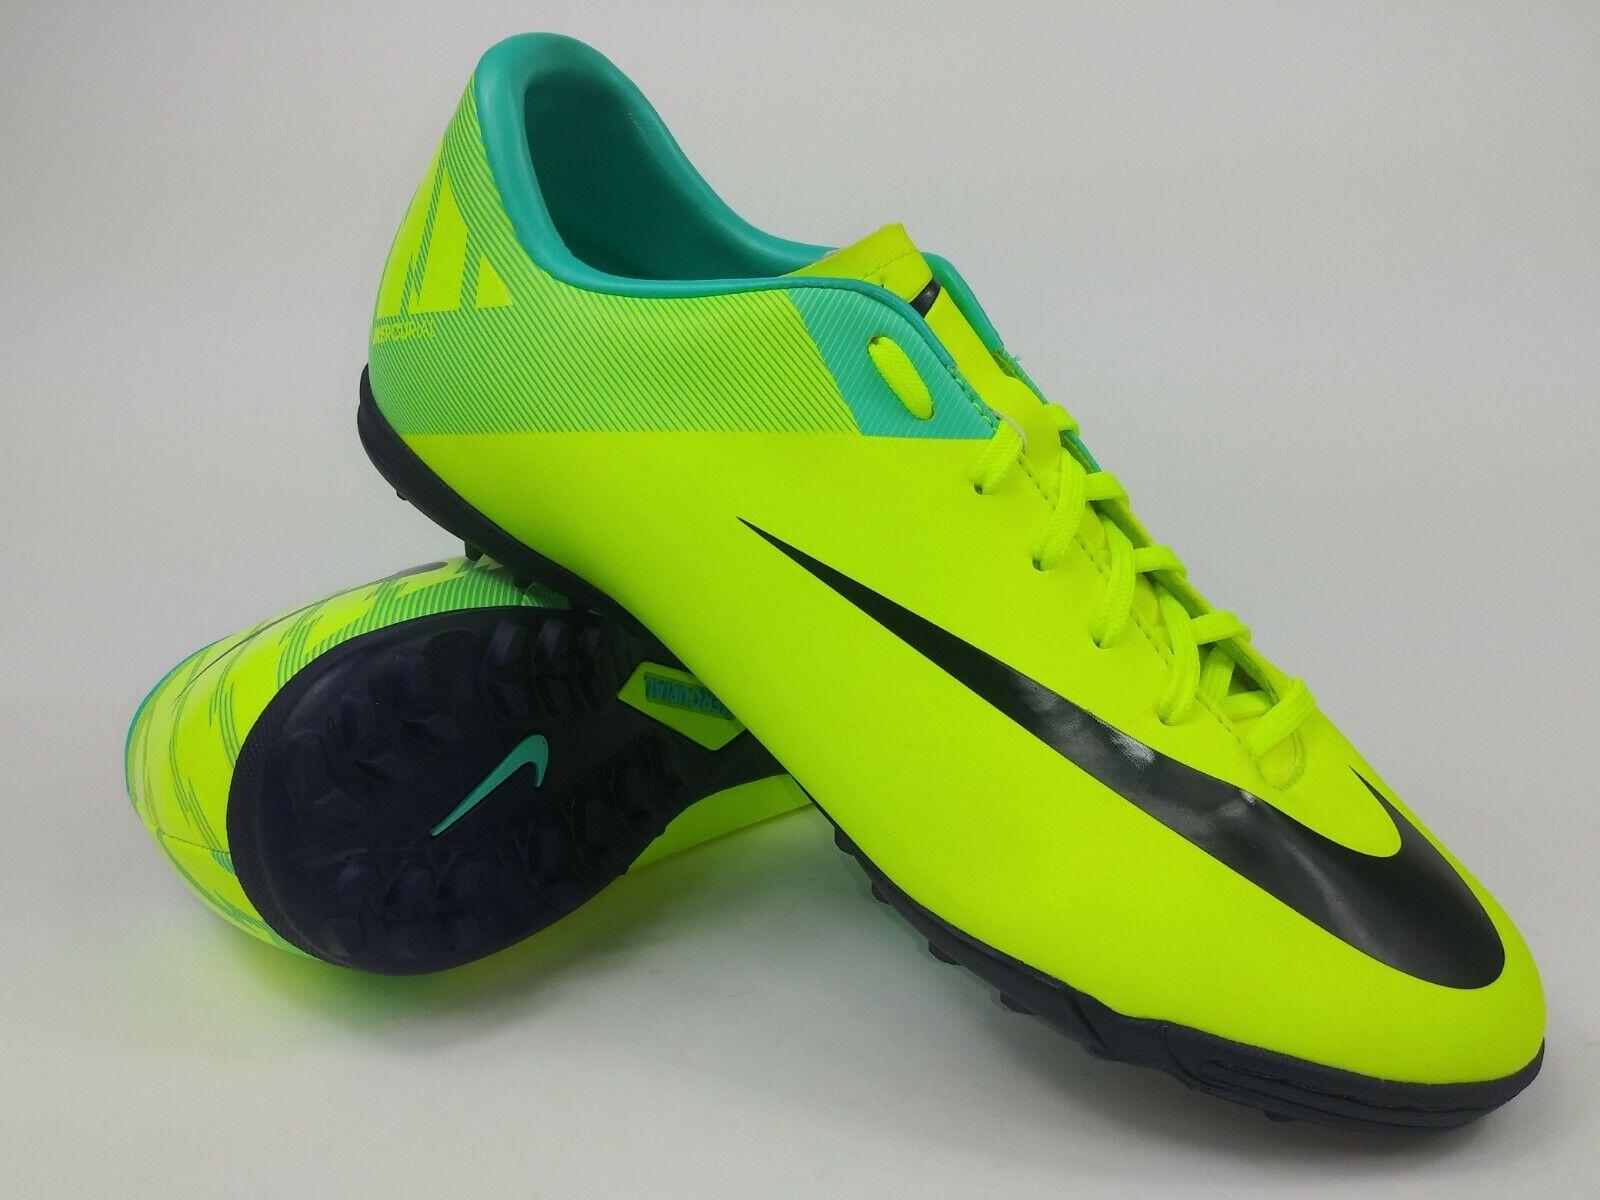 Nike señores raramente mercurial Victory II turf zapatos de fútbol